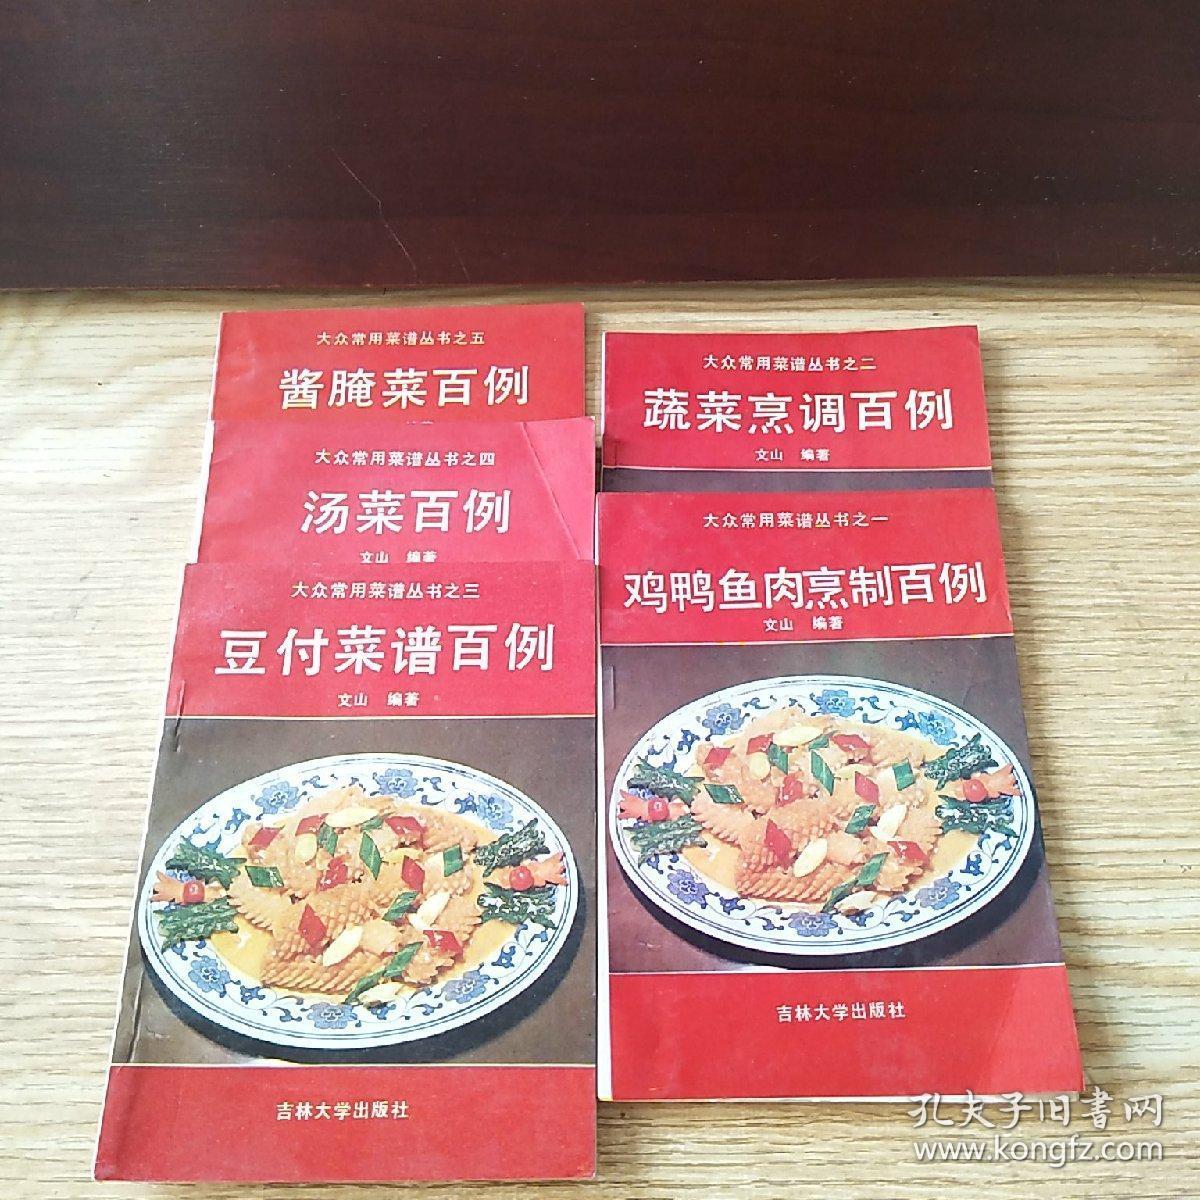 大众鱼肉孕妇蔬菜鸡鸭豆类烹制百列例常用烹食谱菜谱丛书食图片